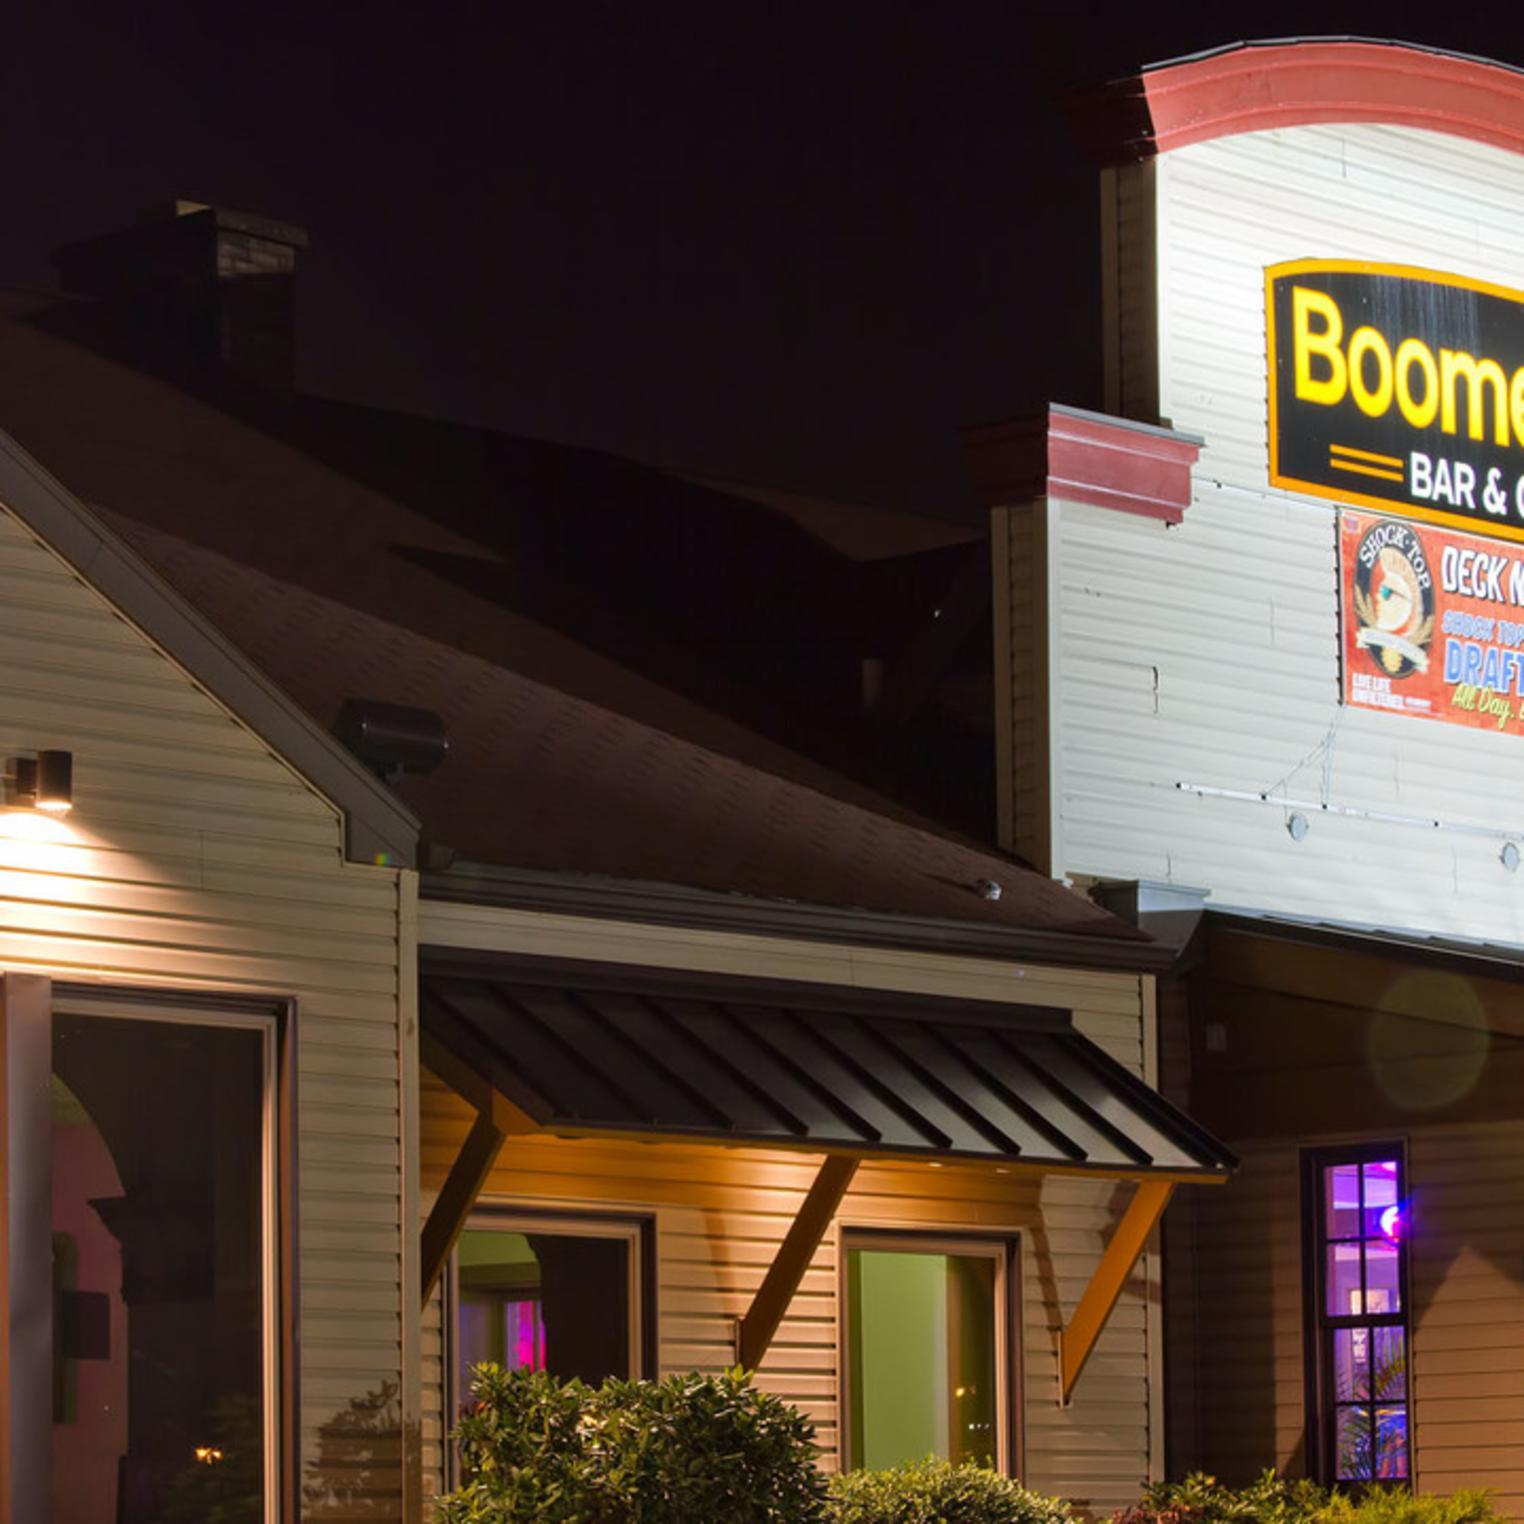 Boomerang Bar & Grill